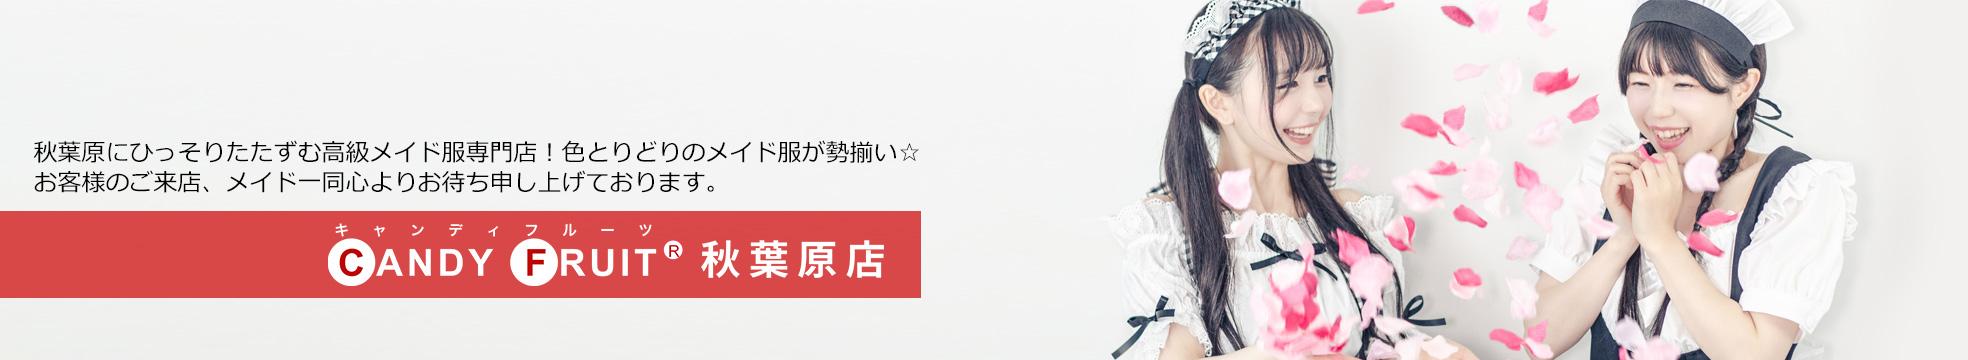 本当のハロウィンは明日ですよ!まだ間に合う!! | キャンディフルーツ秋葉原店ブログ